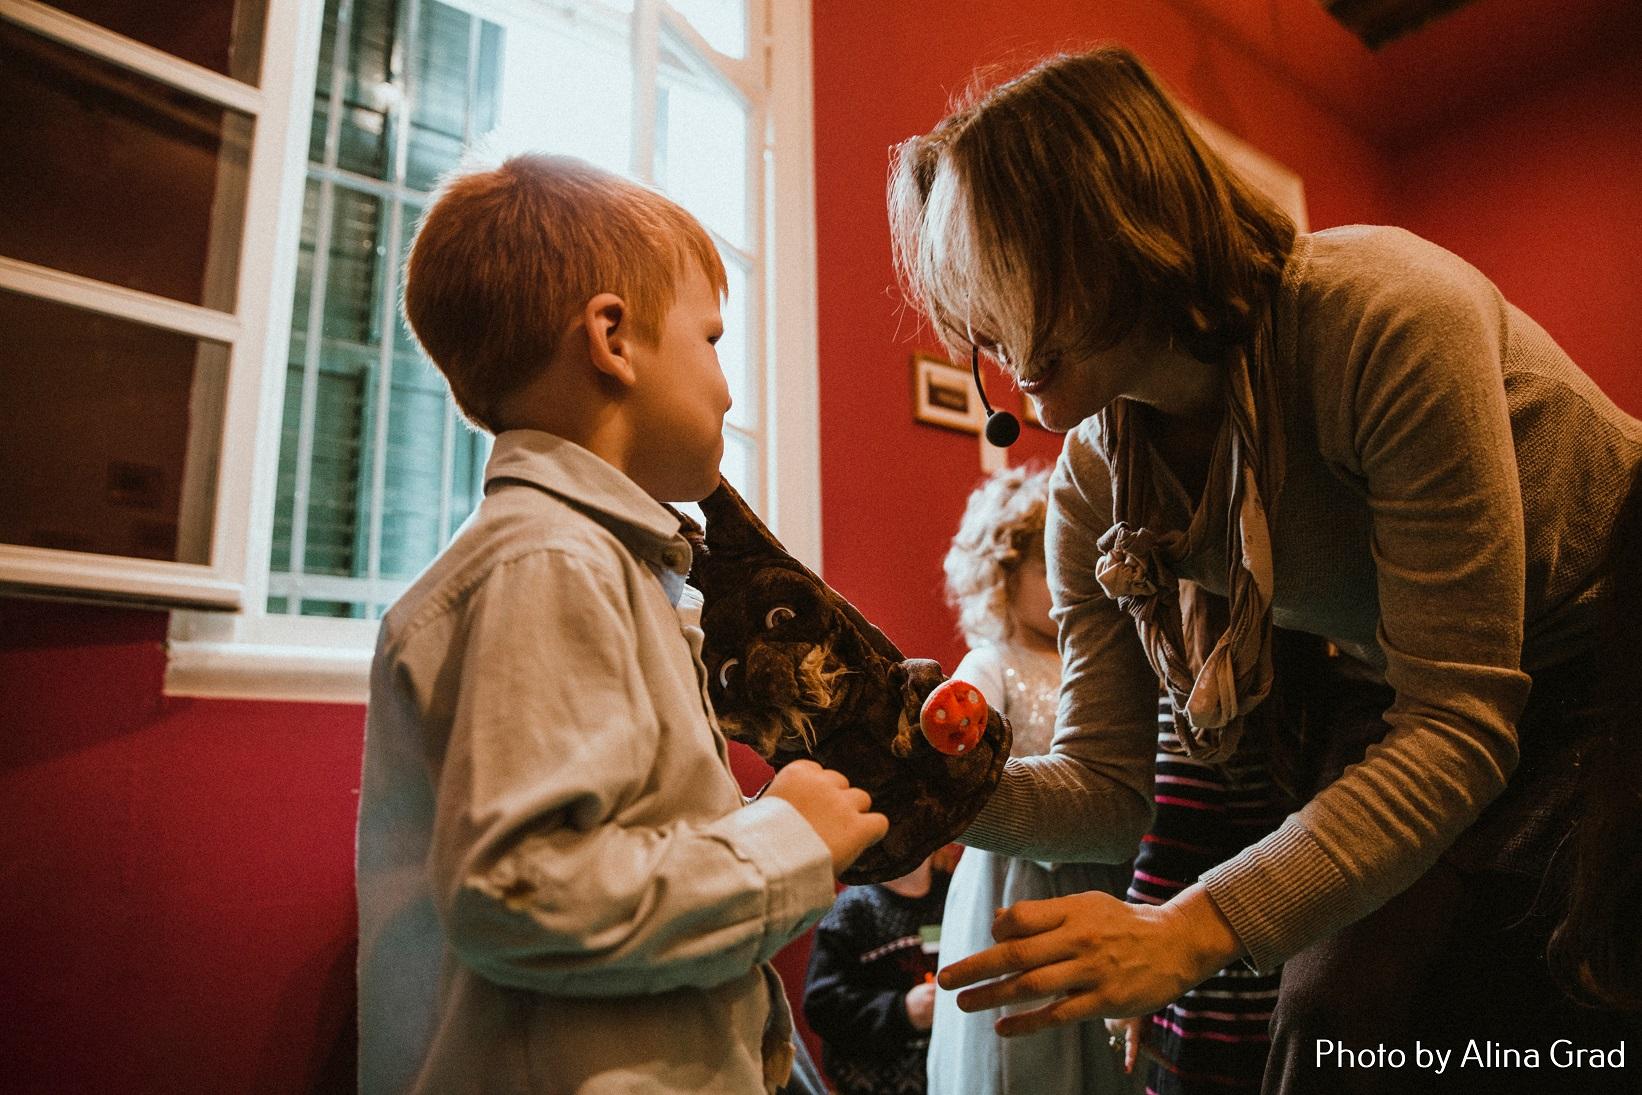 1_Сказ о маленькой елочке с Асей Найфельд_фотограф Алина Град (1)